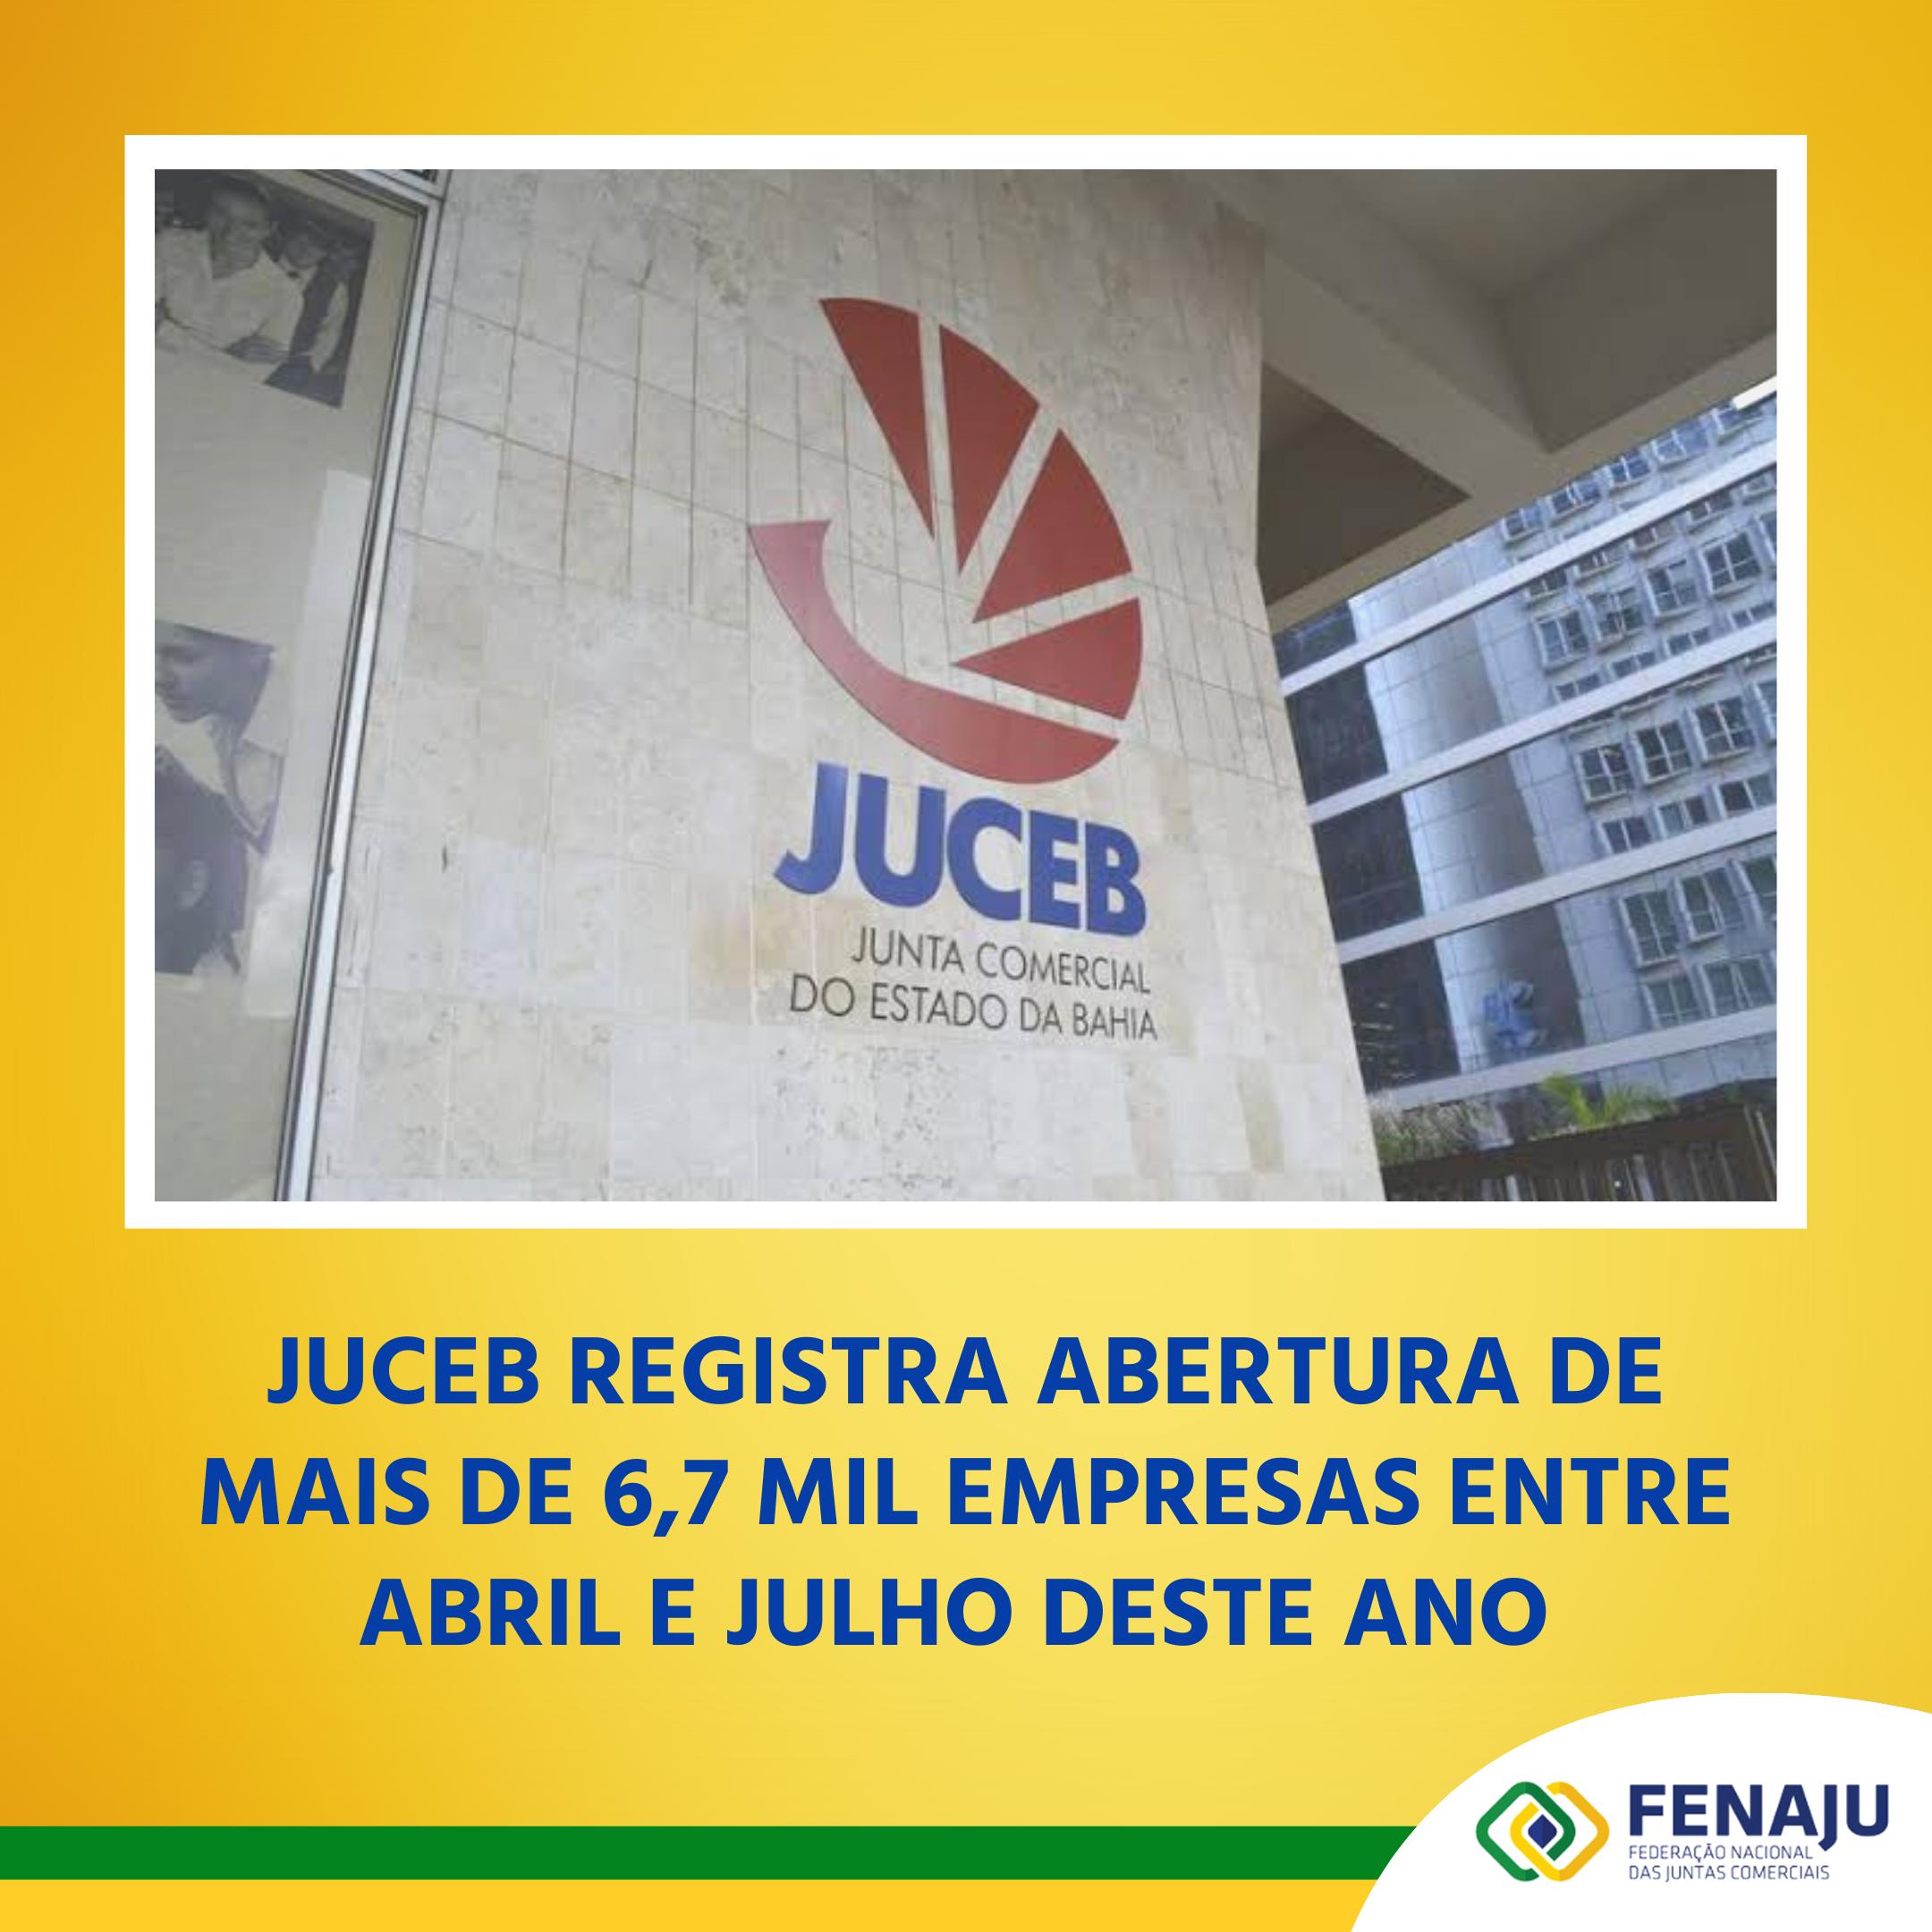 Juceb registra abertura de mais de 6,7 mil empresas entre abril e julho deste ano